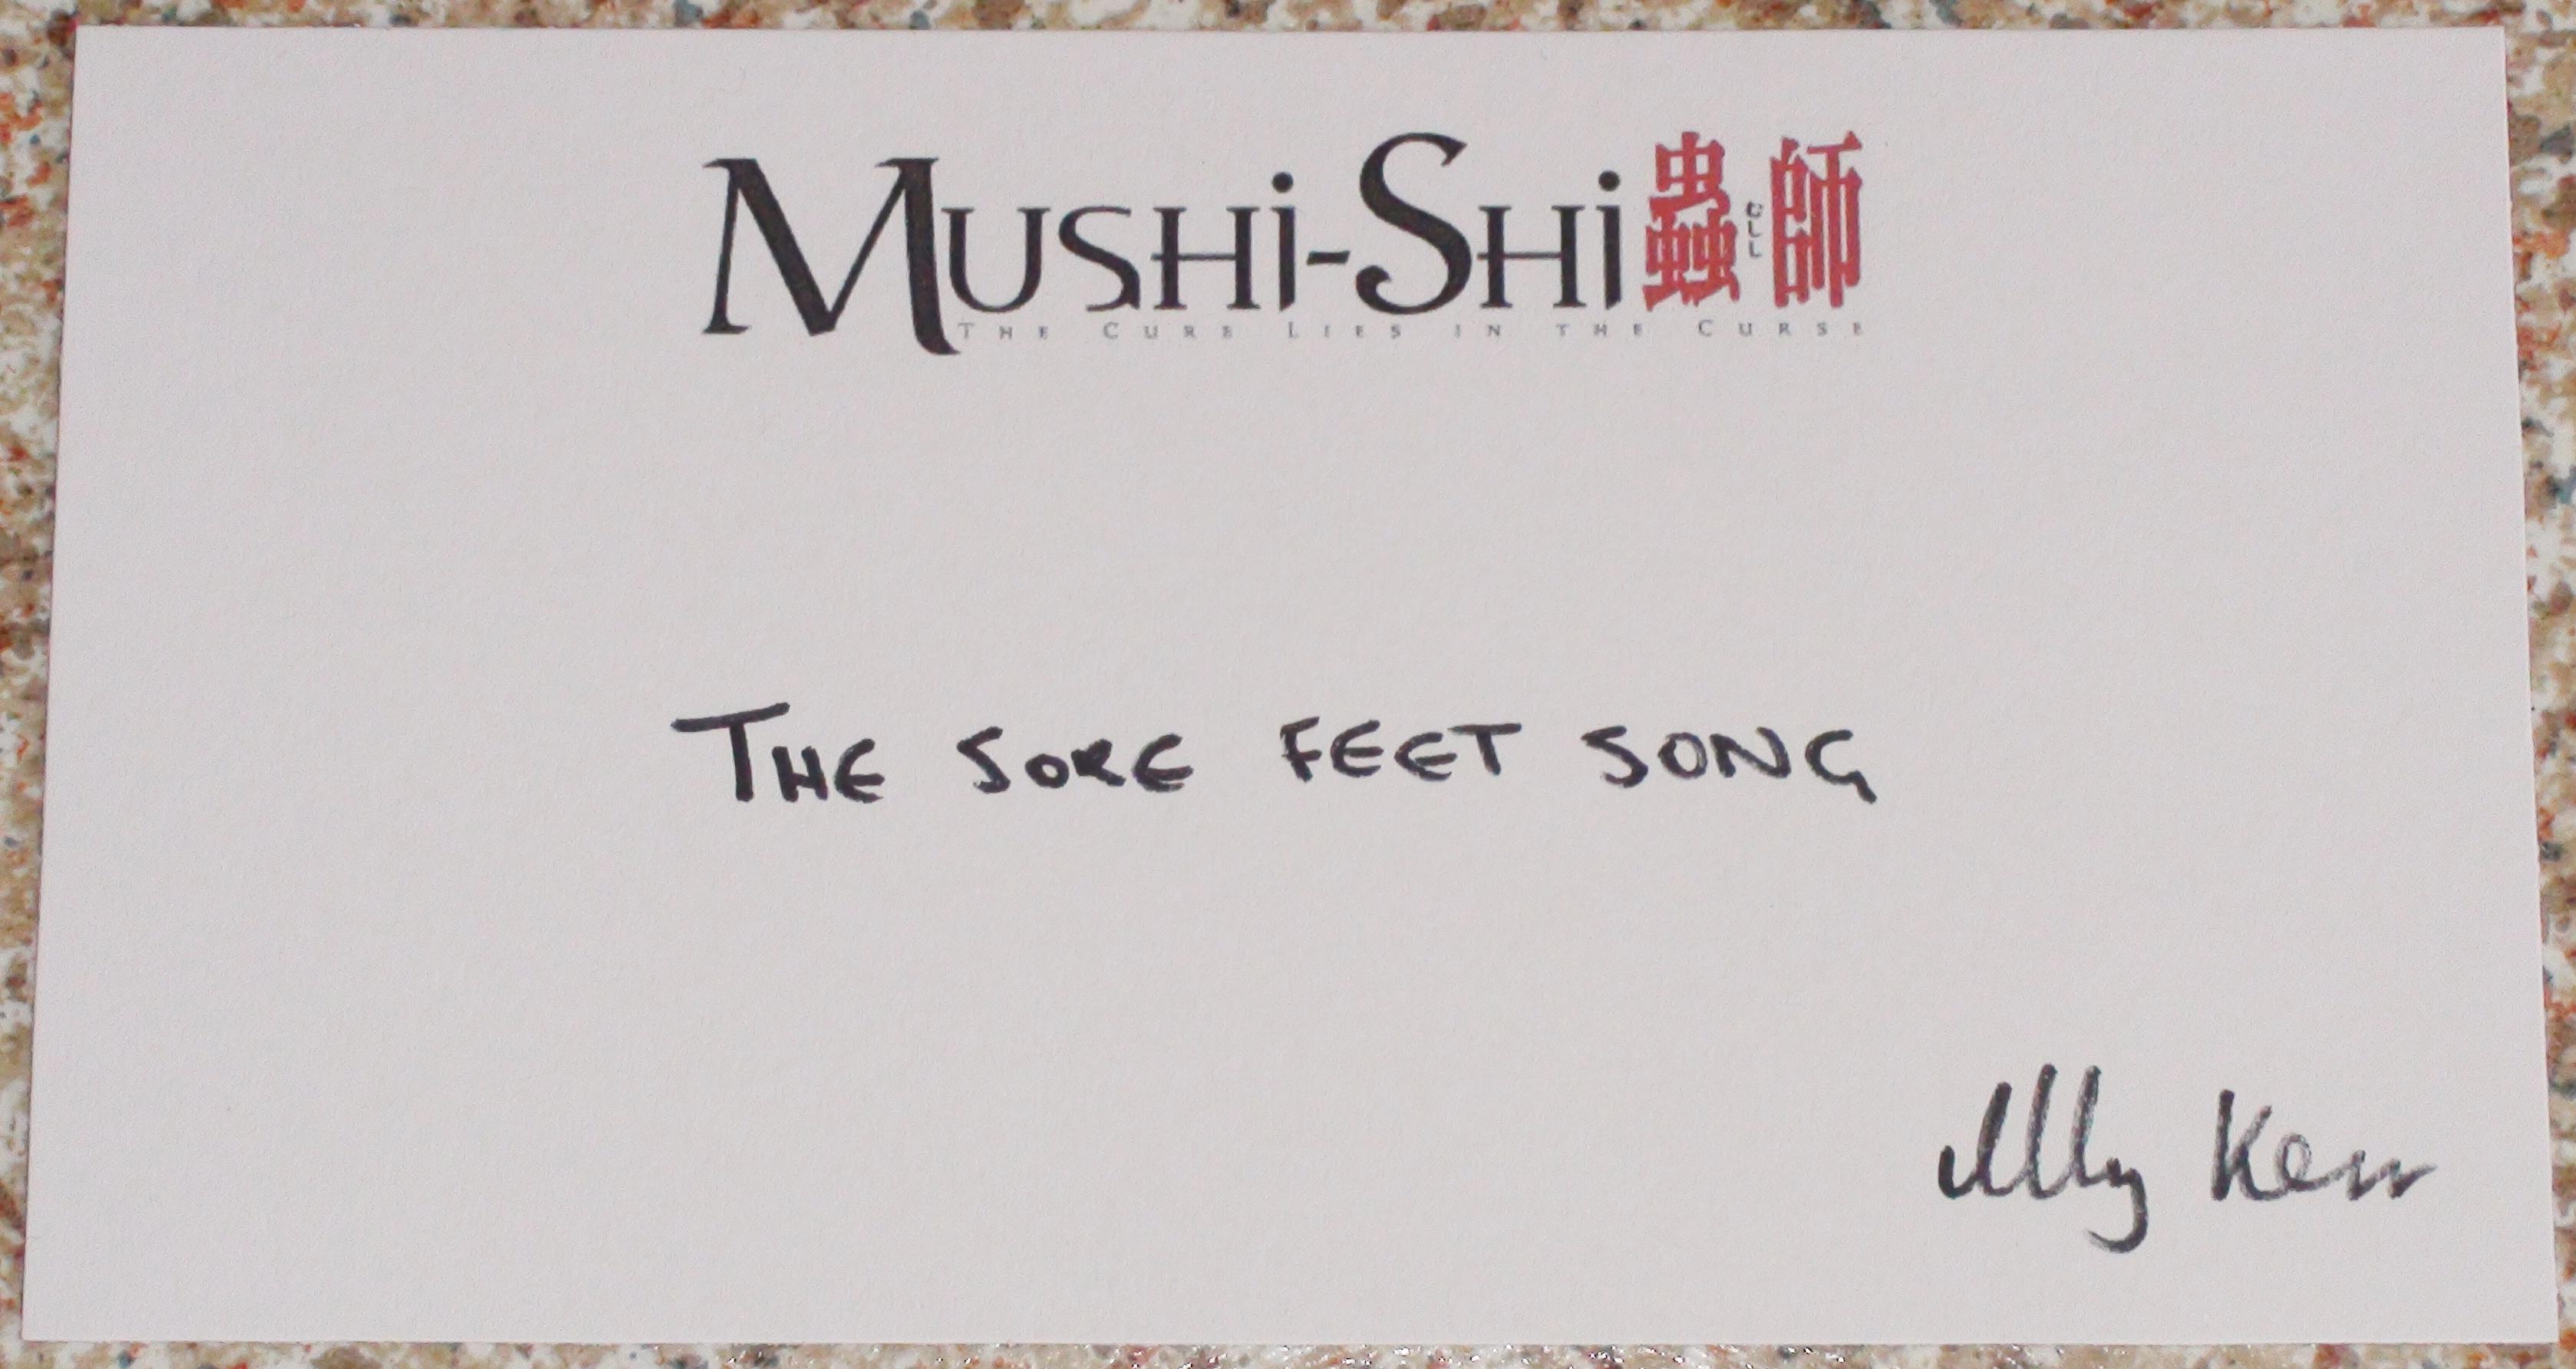 Mushi-Shi - Ally Kerr